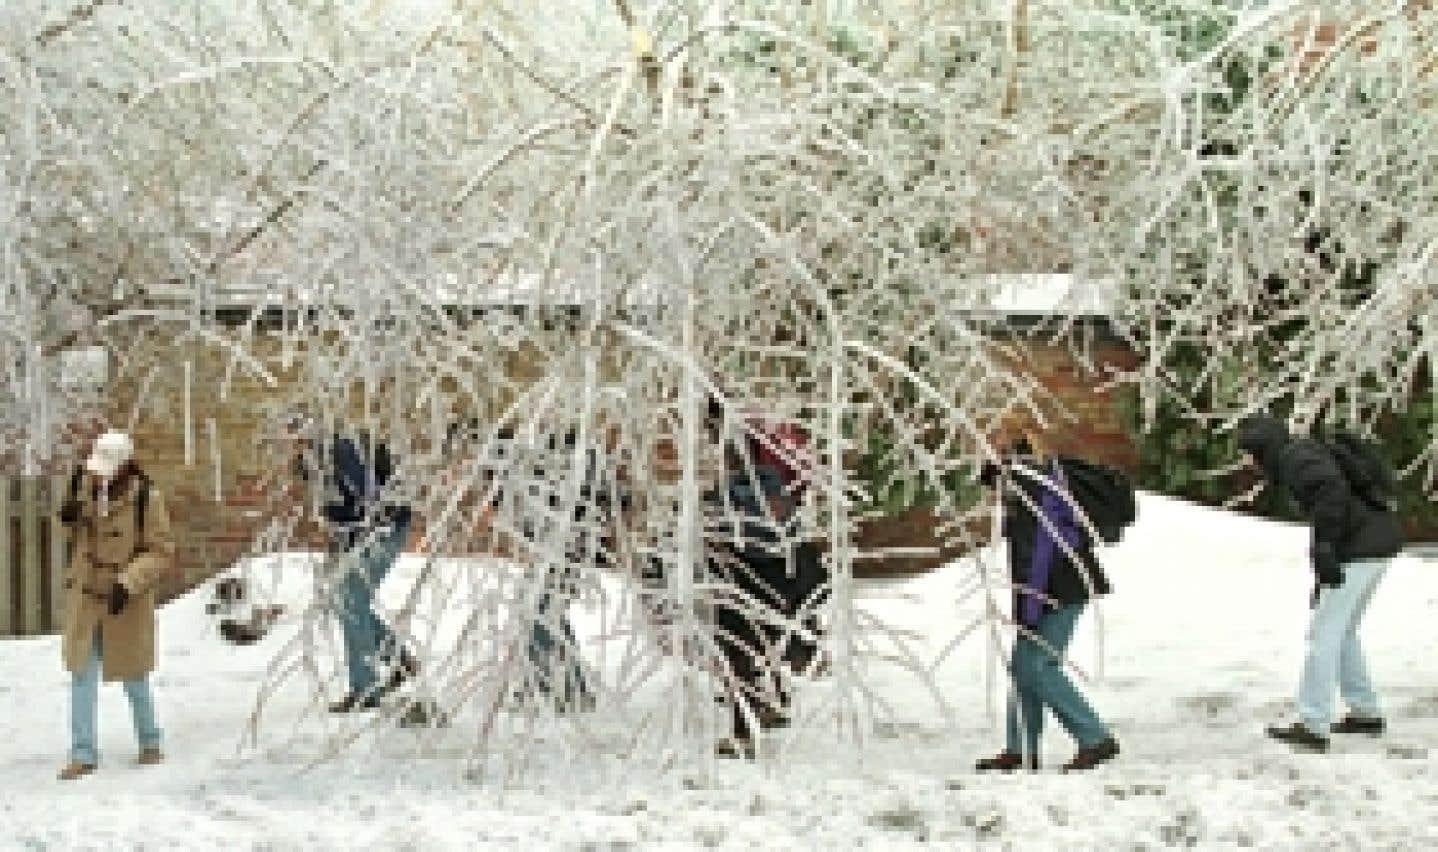 Les arbres du grand verglas: ce qu'il en reste après 10 ans